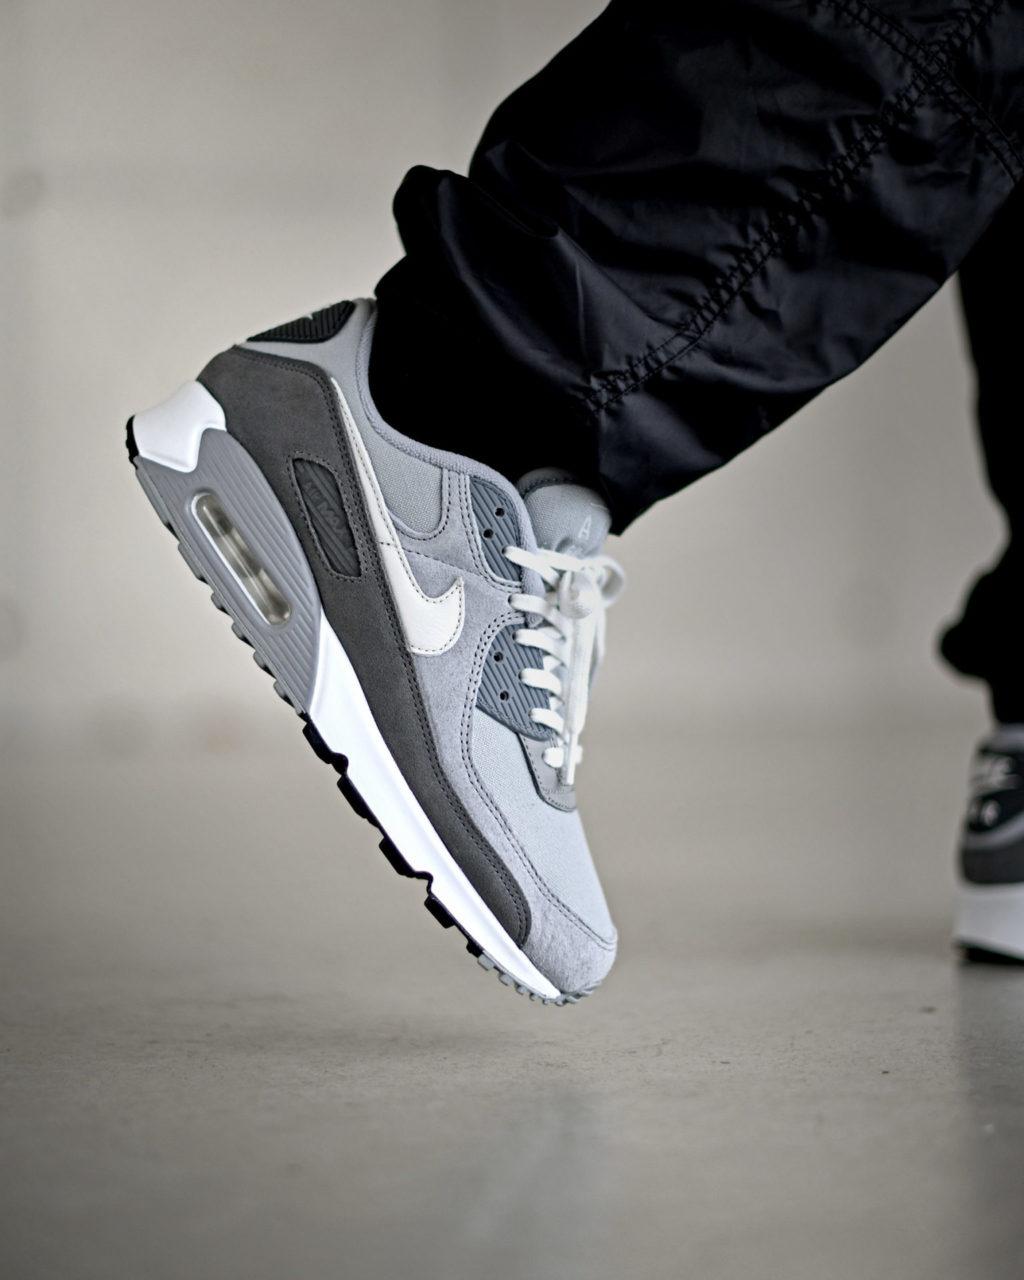 Nike Air Max 90 Premium - Sneakers.fr